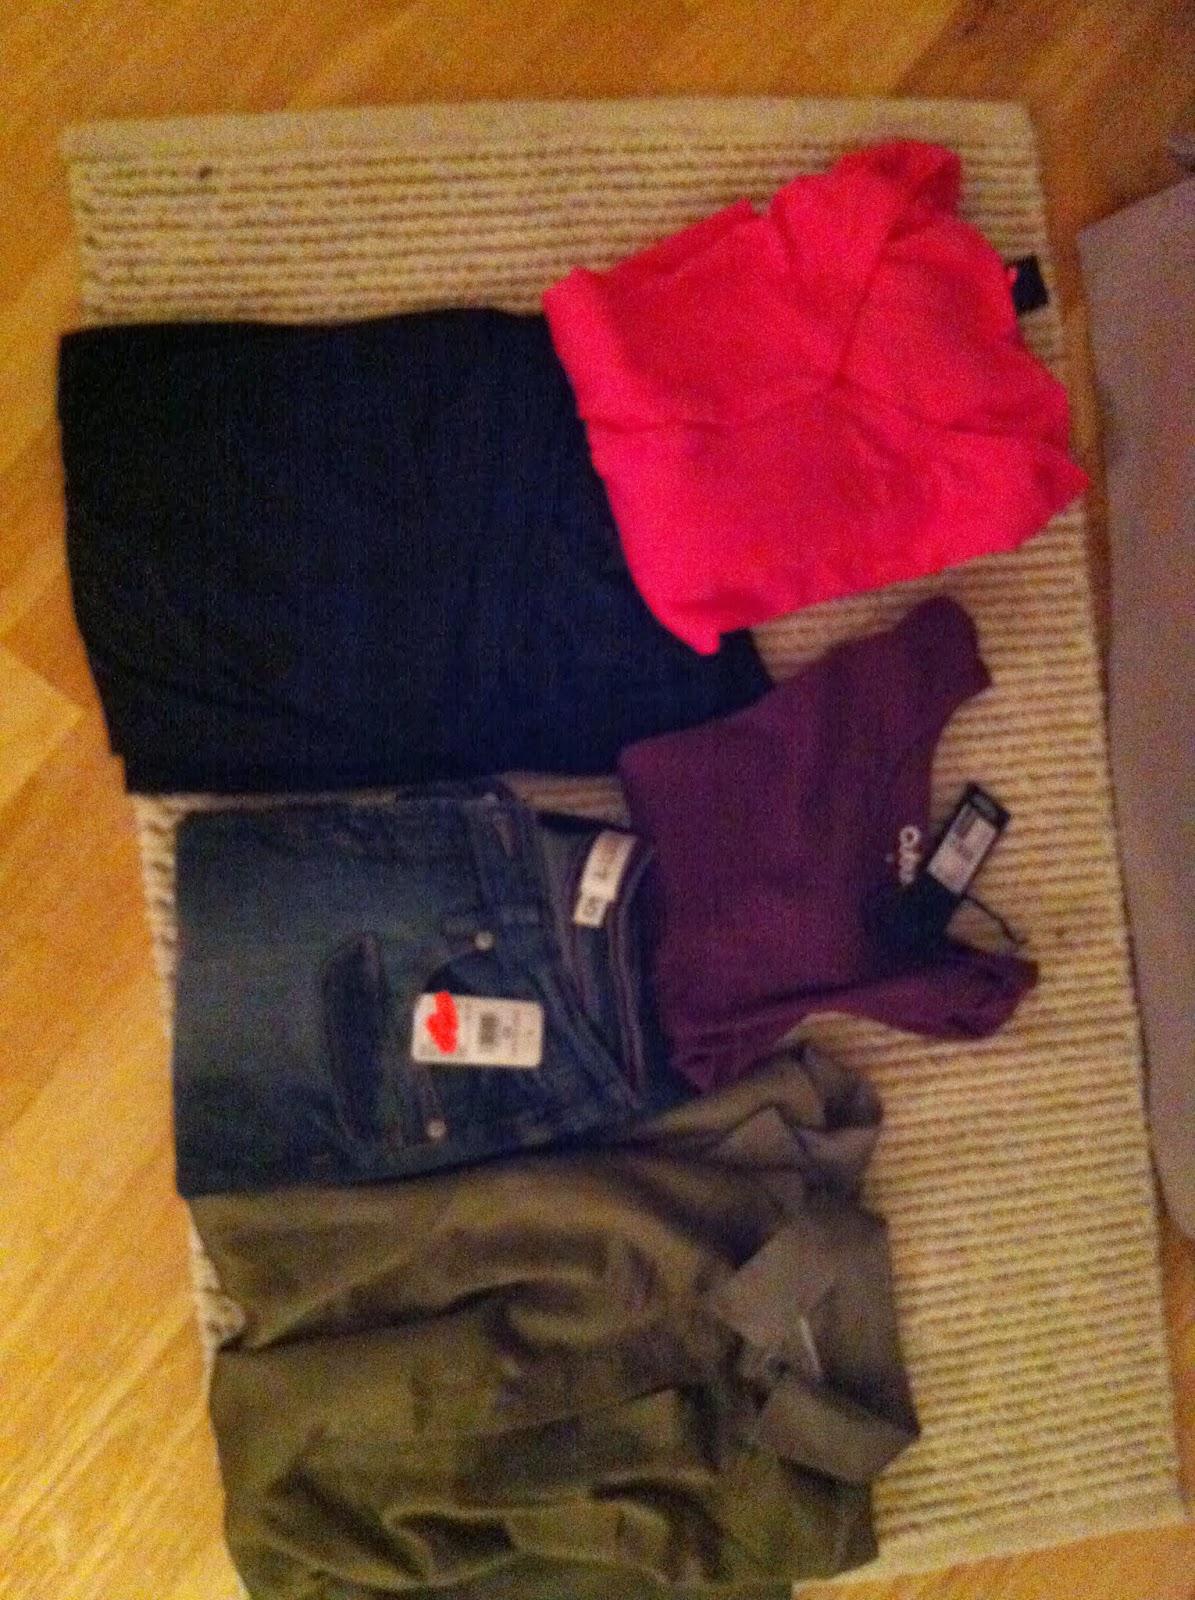 9c42abf4 Tynn olivengrønn bluse, 3/4lang bukse(ny), t-skjorte(ny), svart pen  overdel, bringebærrød jakke, pysjamasbukse(ny) og hvit t-skjorte fra Kari  Traa.